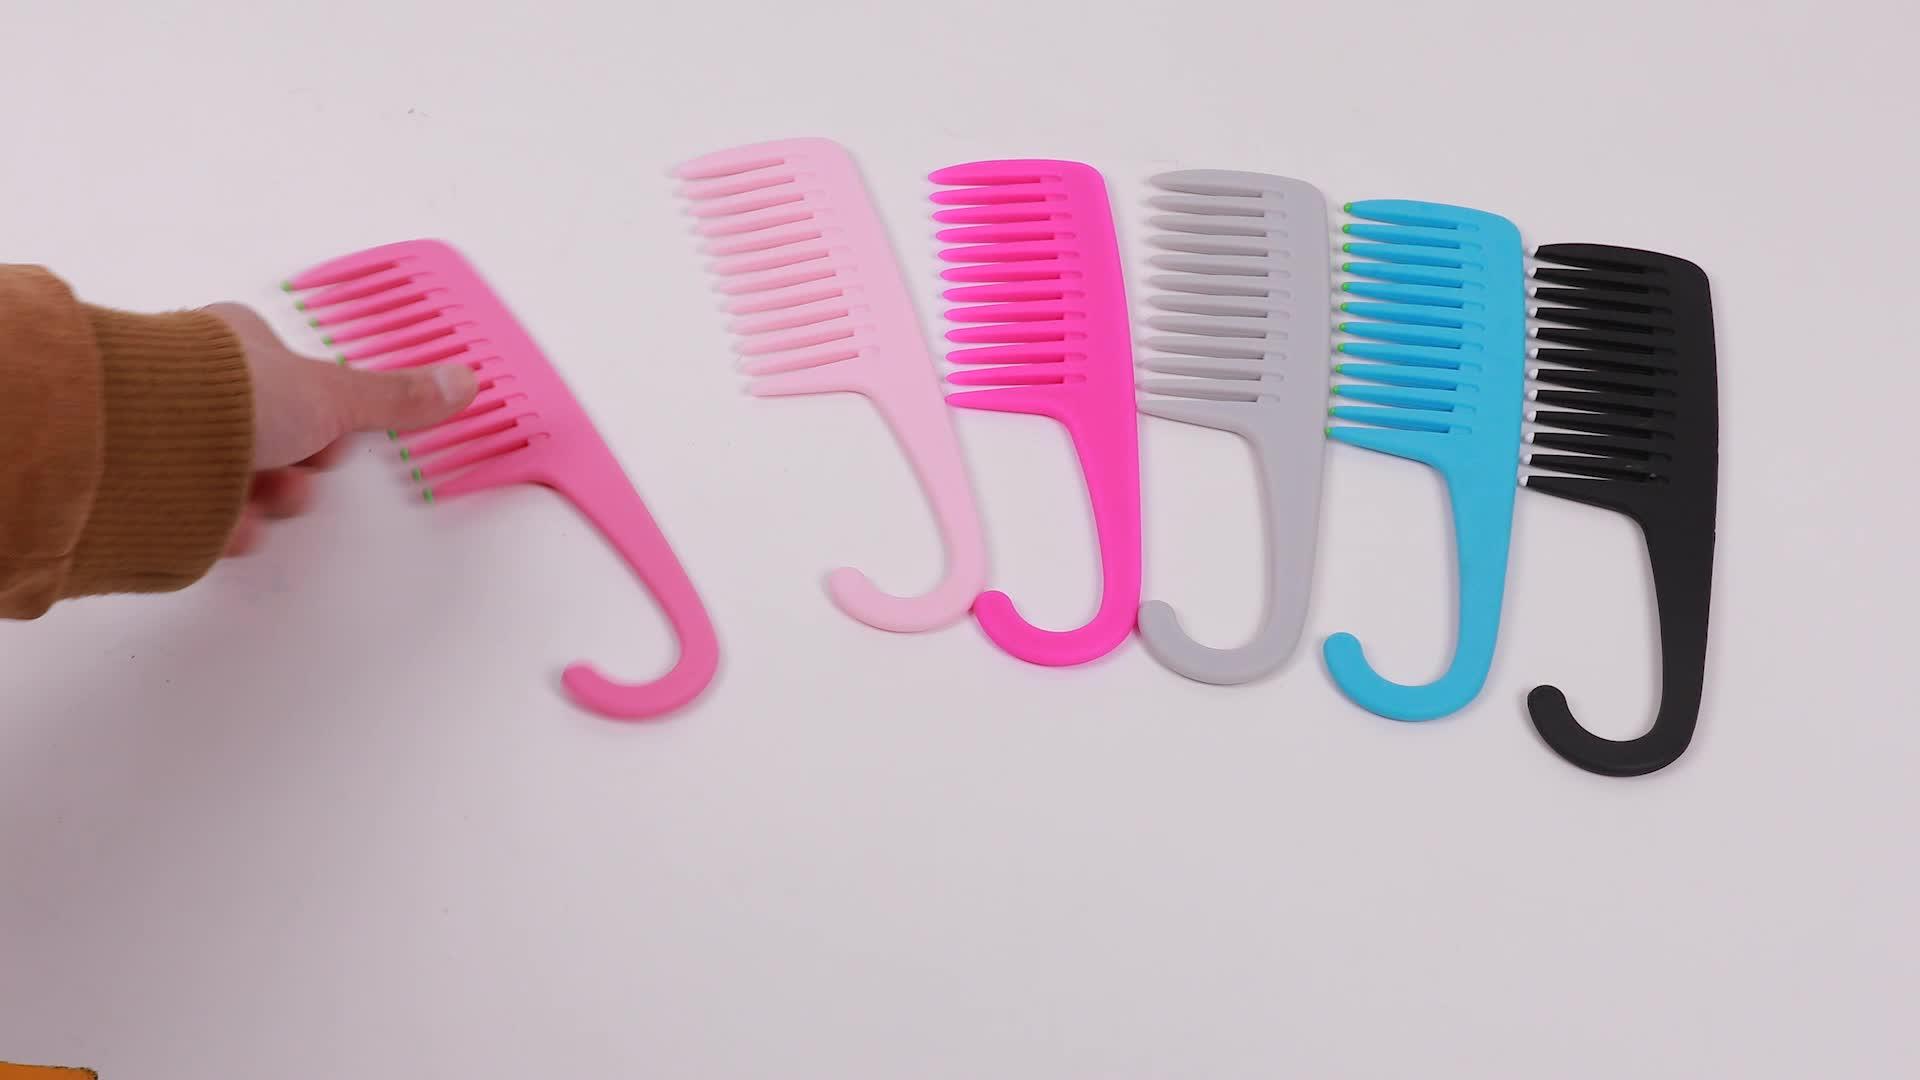 Magische Kunststoff breite Zähne Haken Bart Kamm Kunststoff Körperpflege Kamm Reise tragbare Haarkamm für Hotel